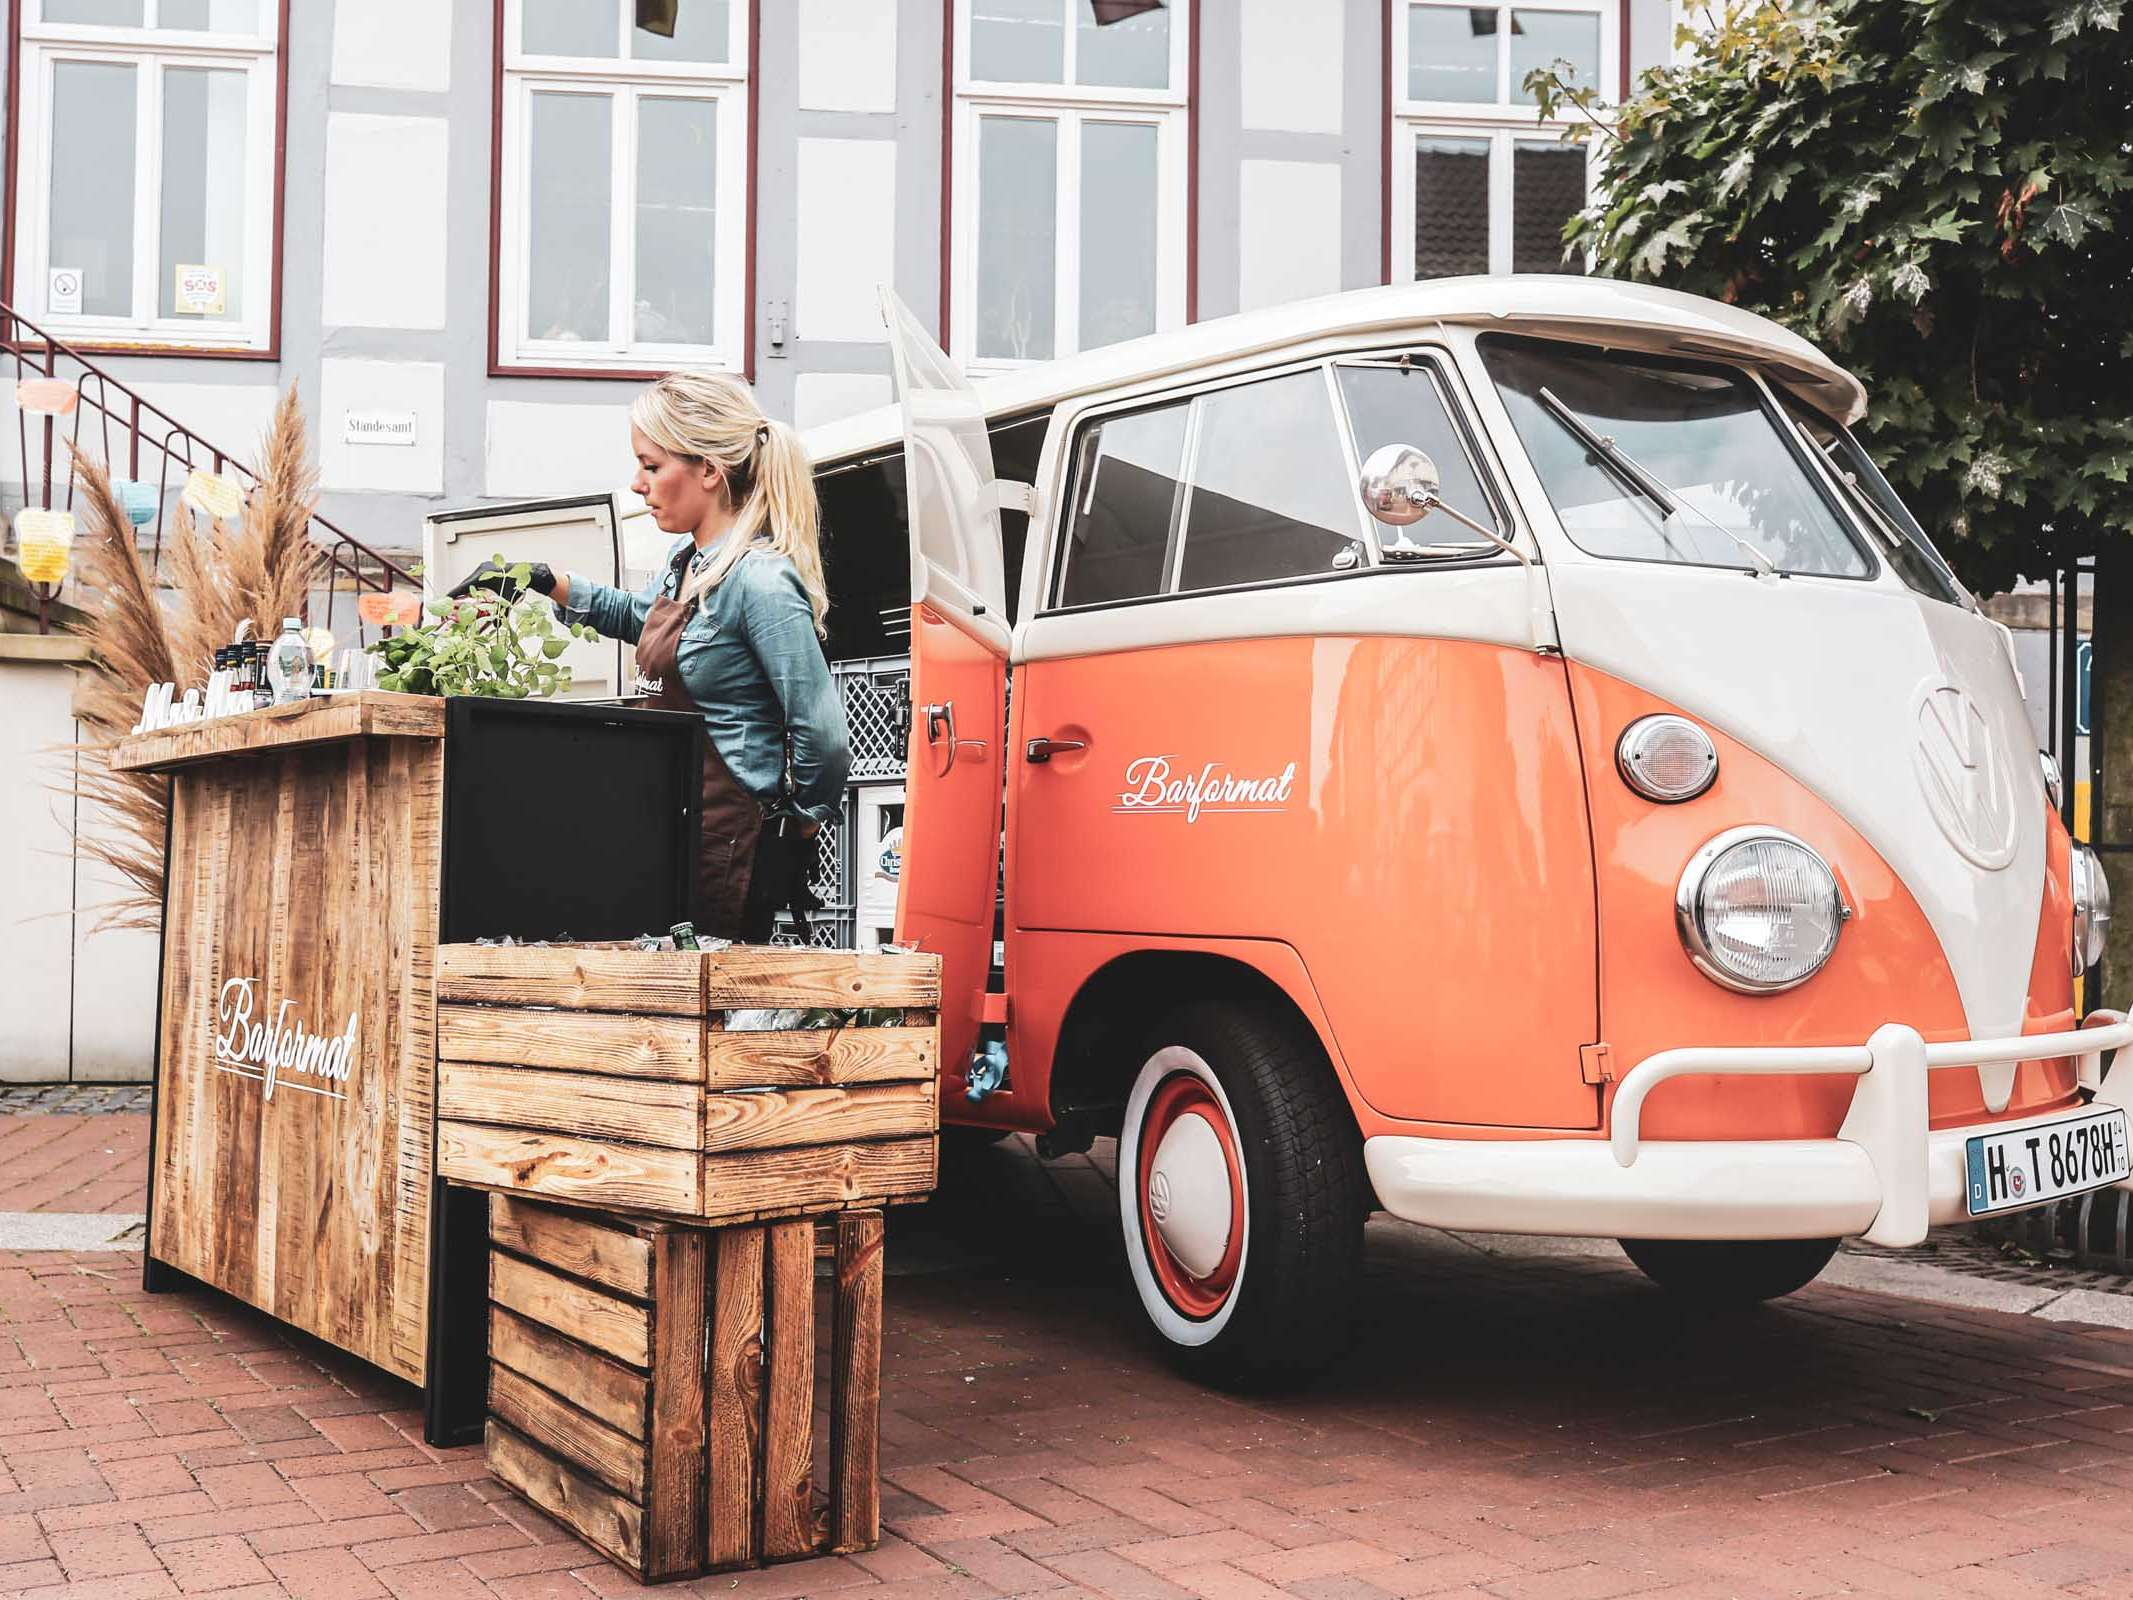 Mobile | Cocktailbar | Hochzeit | Sektempfang | Barkeeper | Buchen | Mieten | Geburtstag | Ape | VW | Bar | Getränke | Catering | Foodtruck | Weinbar | Ginbar | Sektbar | Messe | Kaffeebar